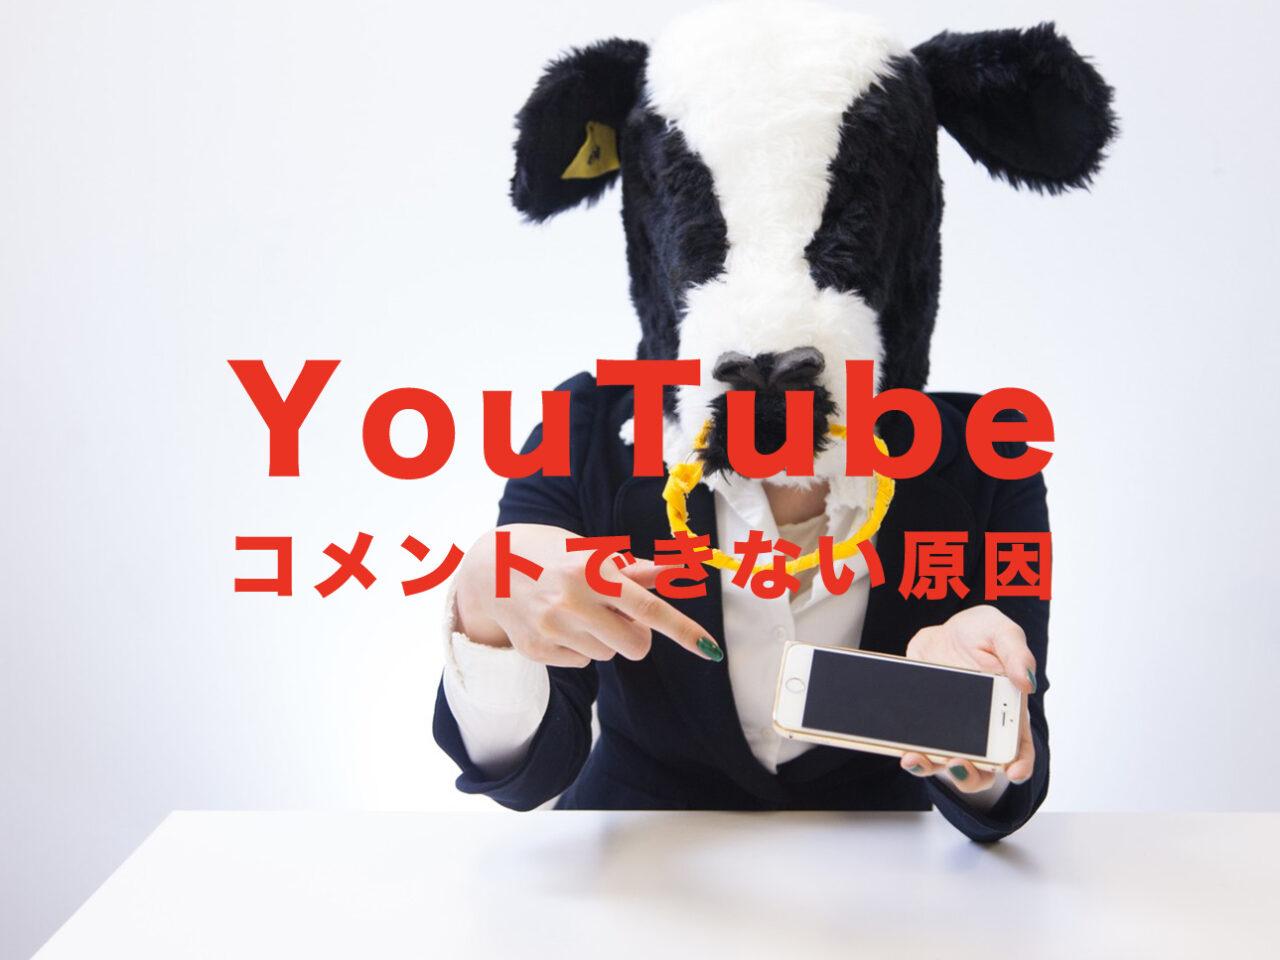 YouTube(ユーチューブ)でコメントできない原因は?対処法はある?のサムネイル画像